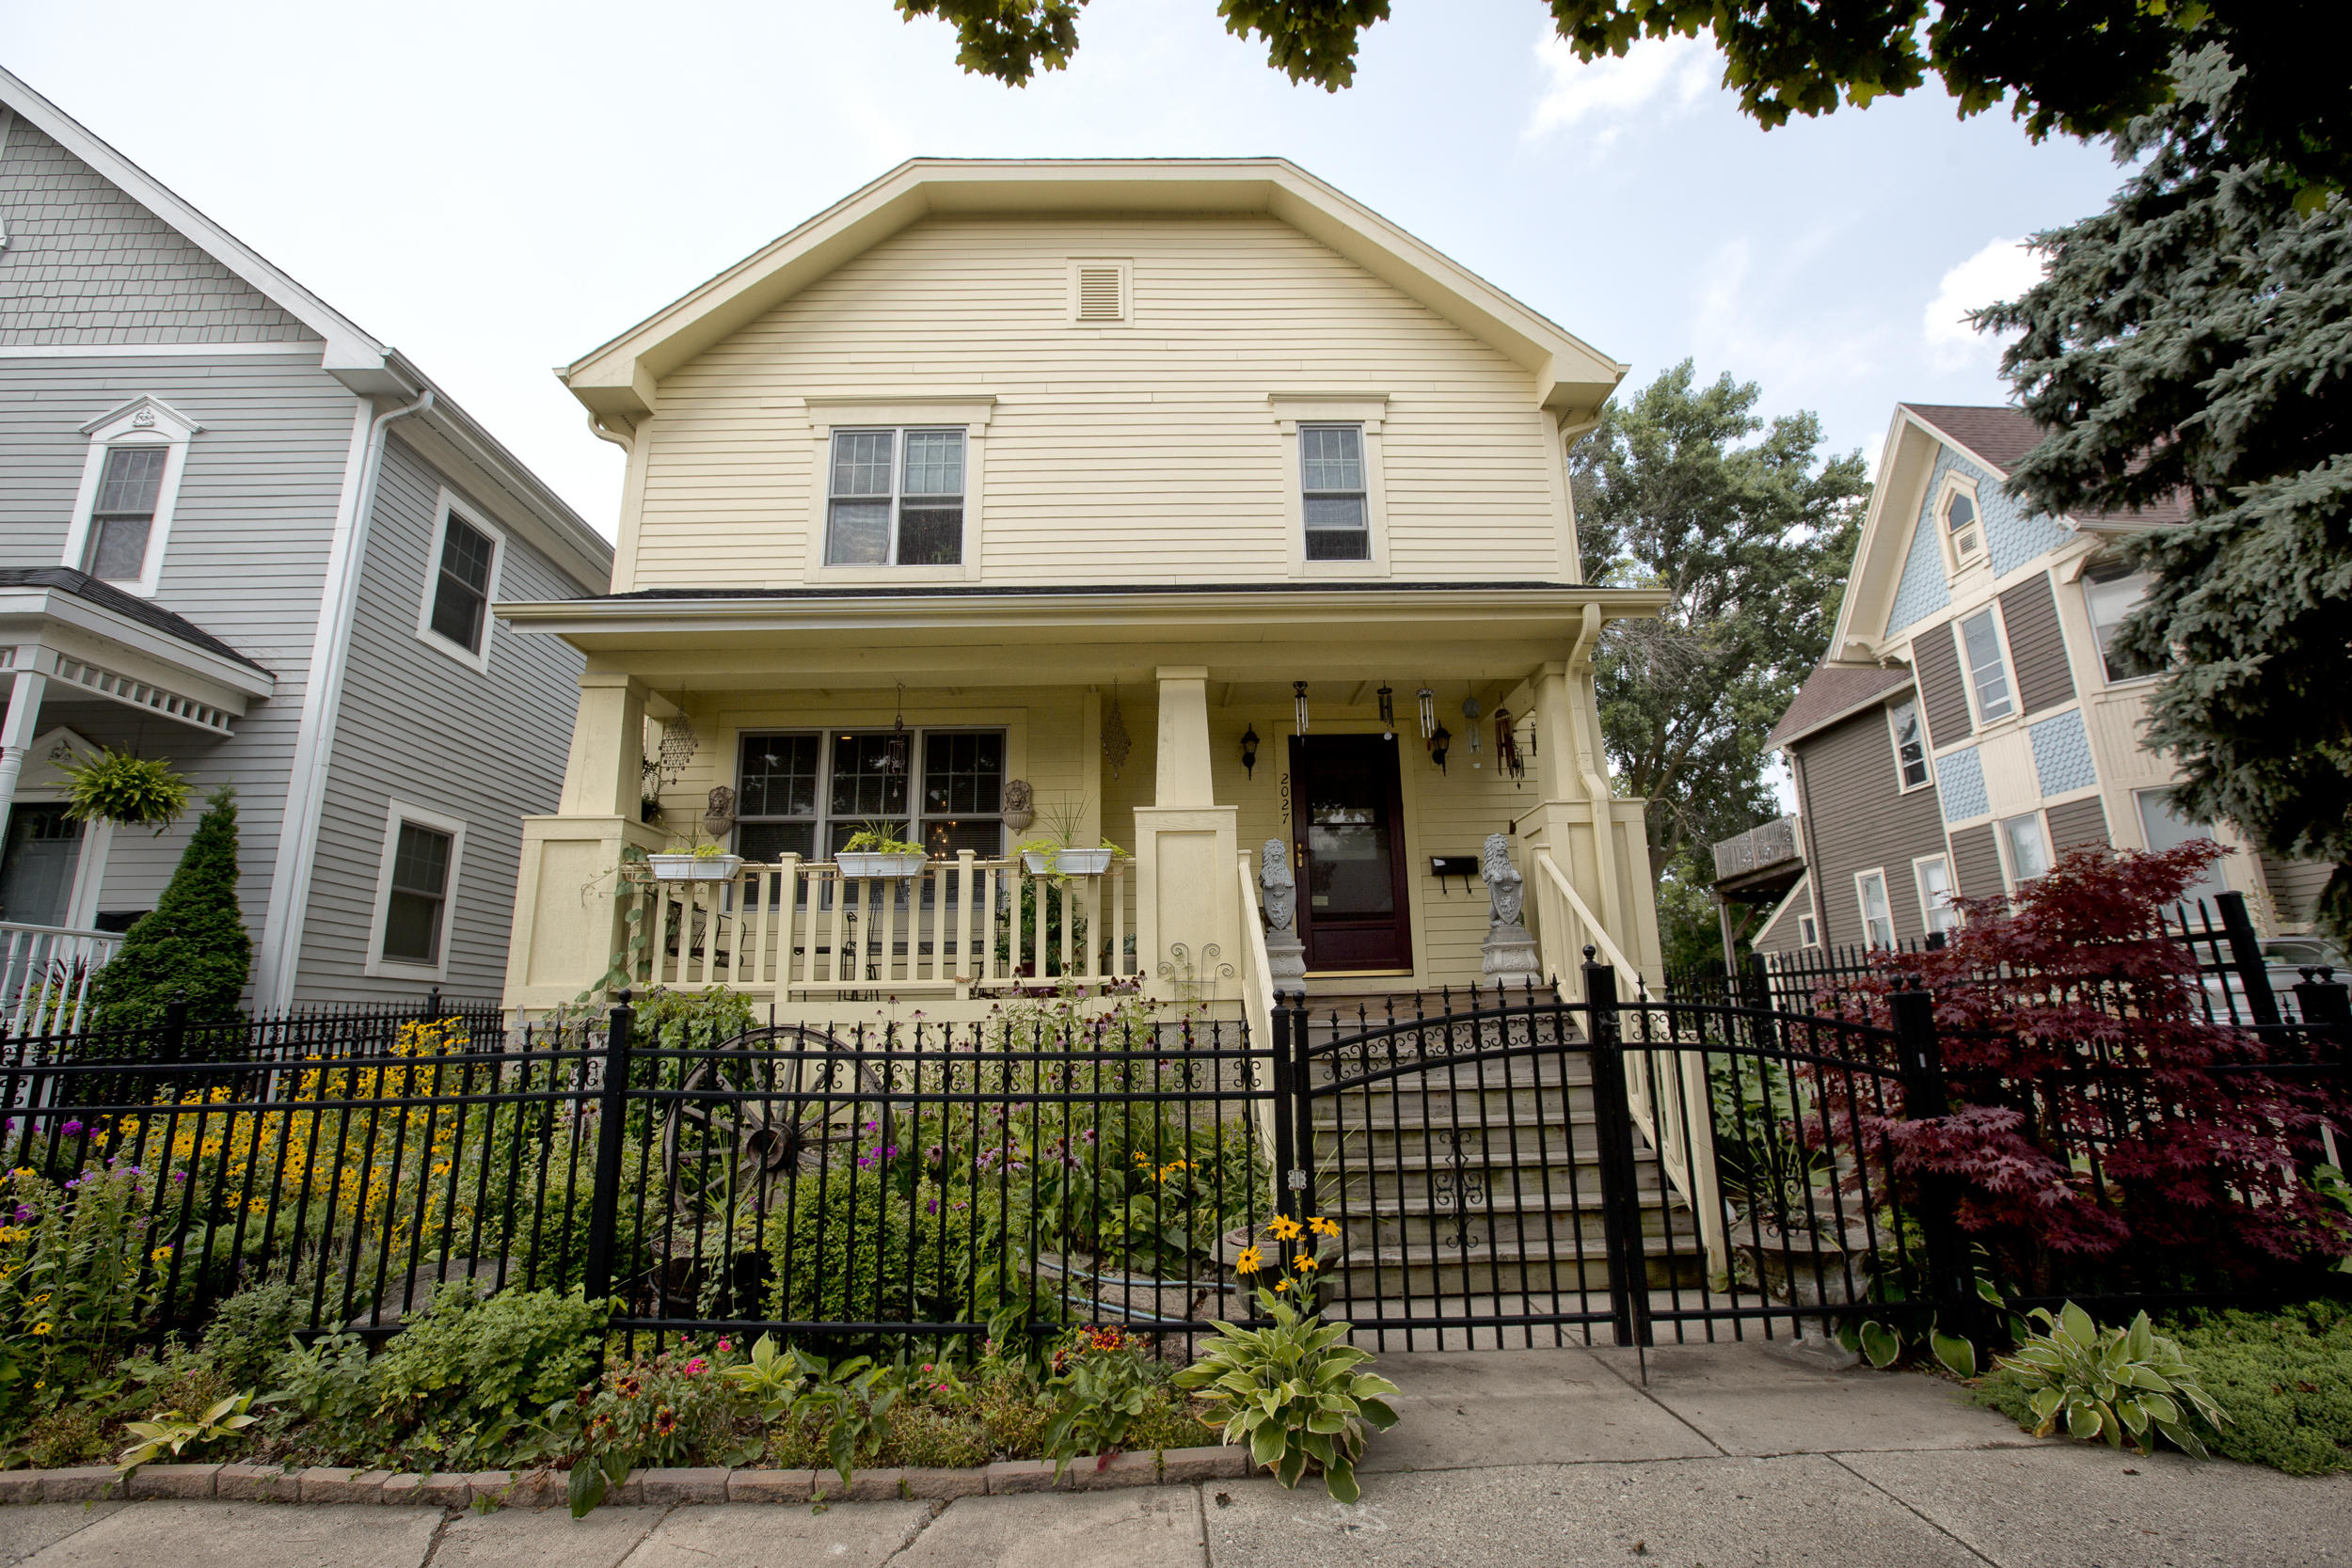 2027 Buffum St, Milwaukee, Wisconsin 53212, 3 Bedrooms Bedrooms, 6 Rooms Rooms,2 BathroomsBathrooms,Single-Family,For Sale,Buffum St,1620409